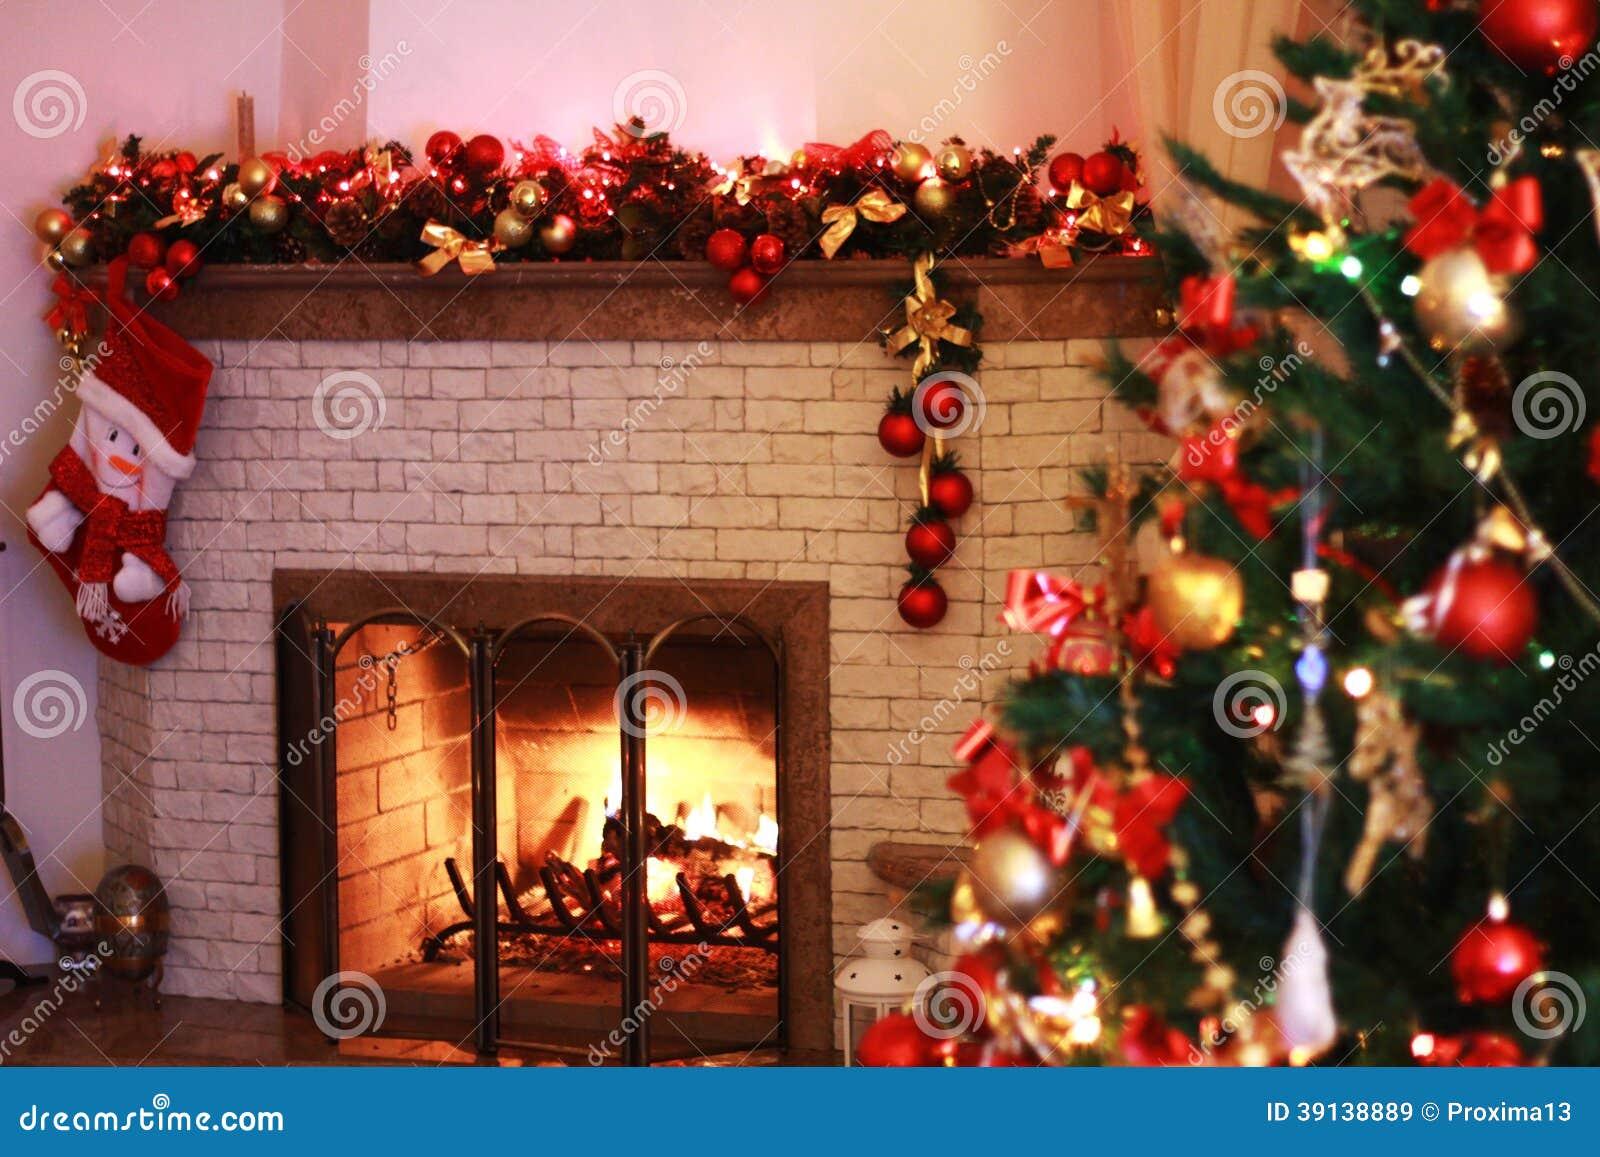 Chimenea casera en las decoraciones de la navidad imagen for Fotos decoracion navidad